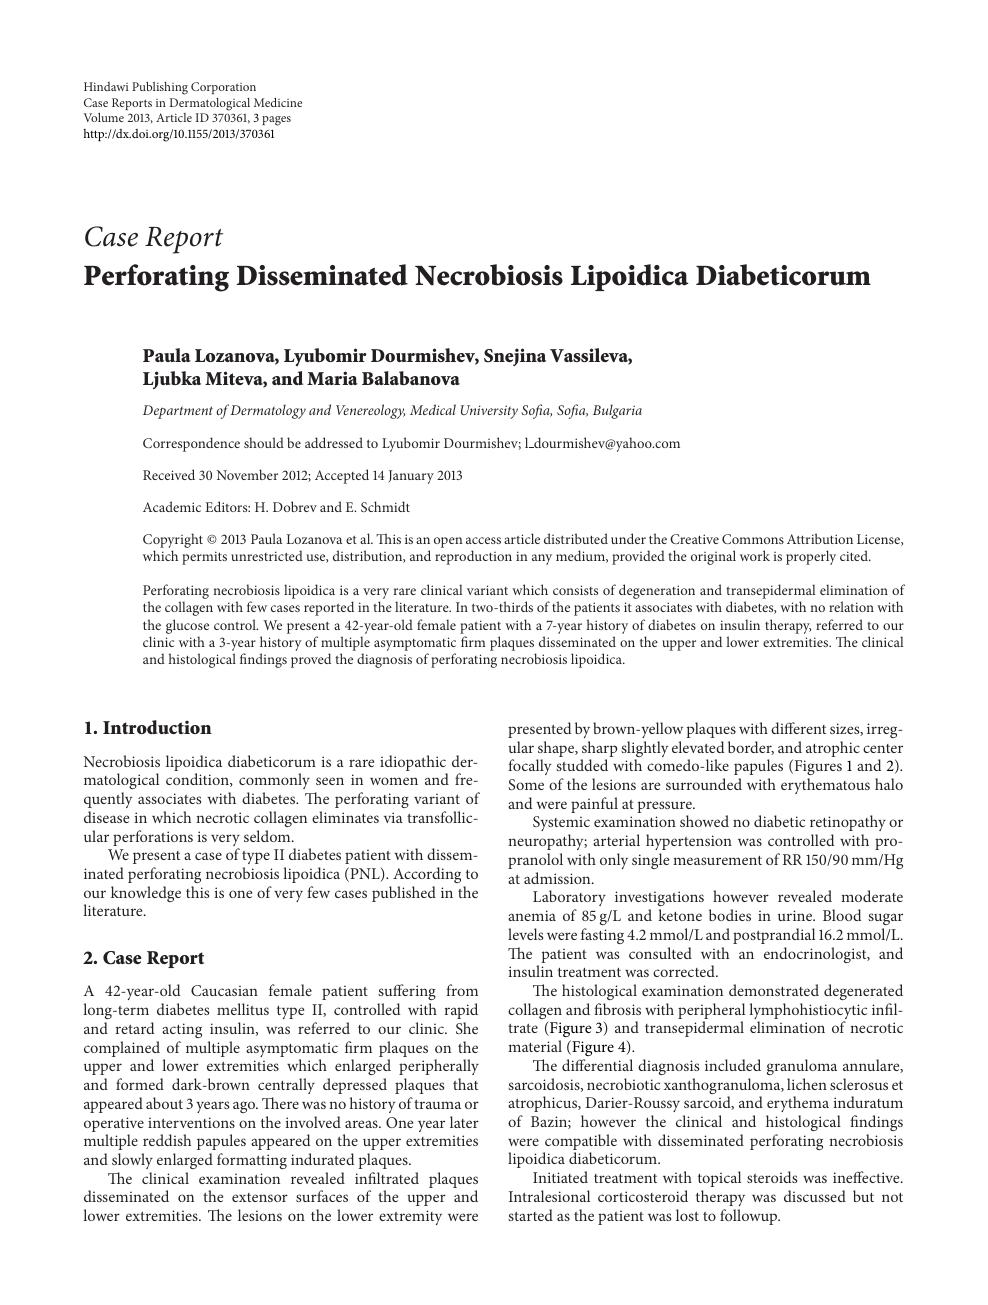 Perforating Disseminated Necrobiosis Lipoidica Diabeticorum